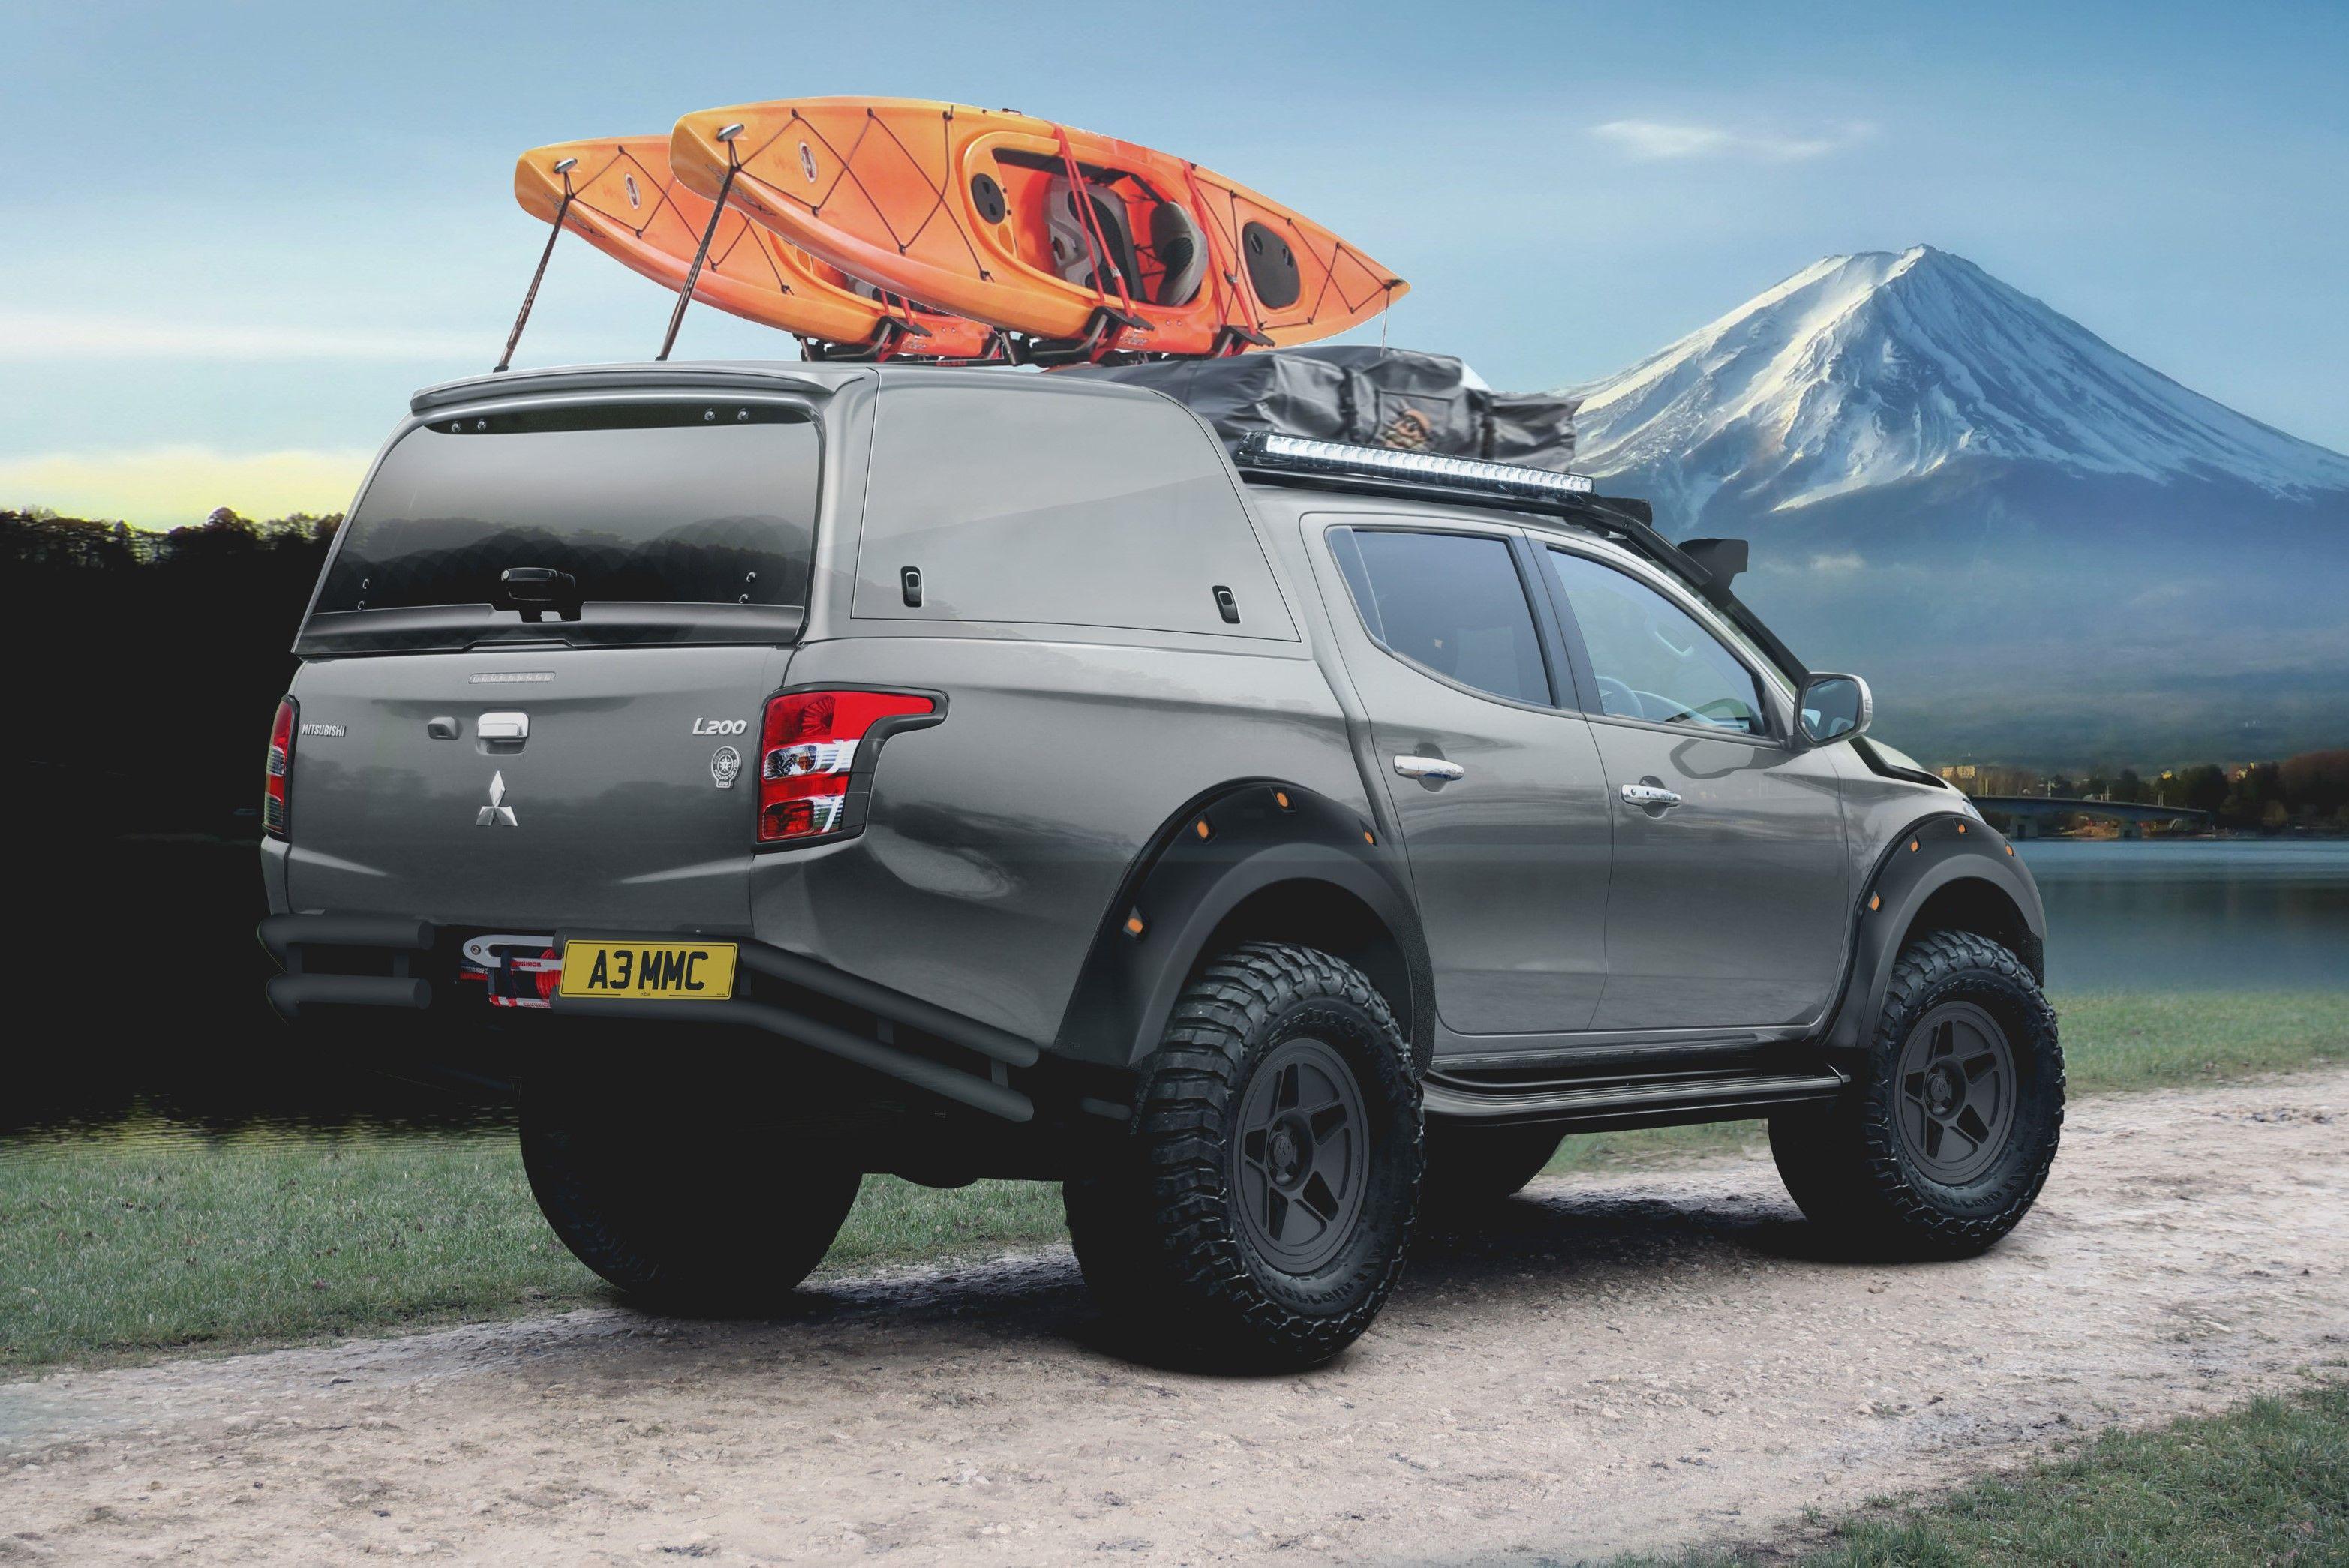 The rear of the L200 Atacama Concept has a bedmounted